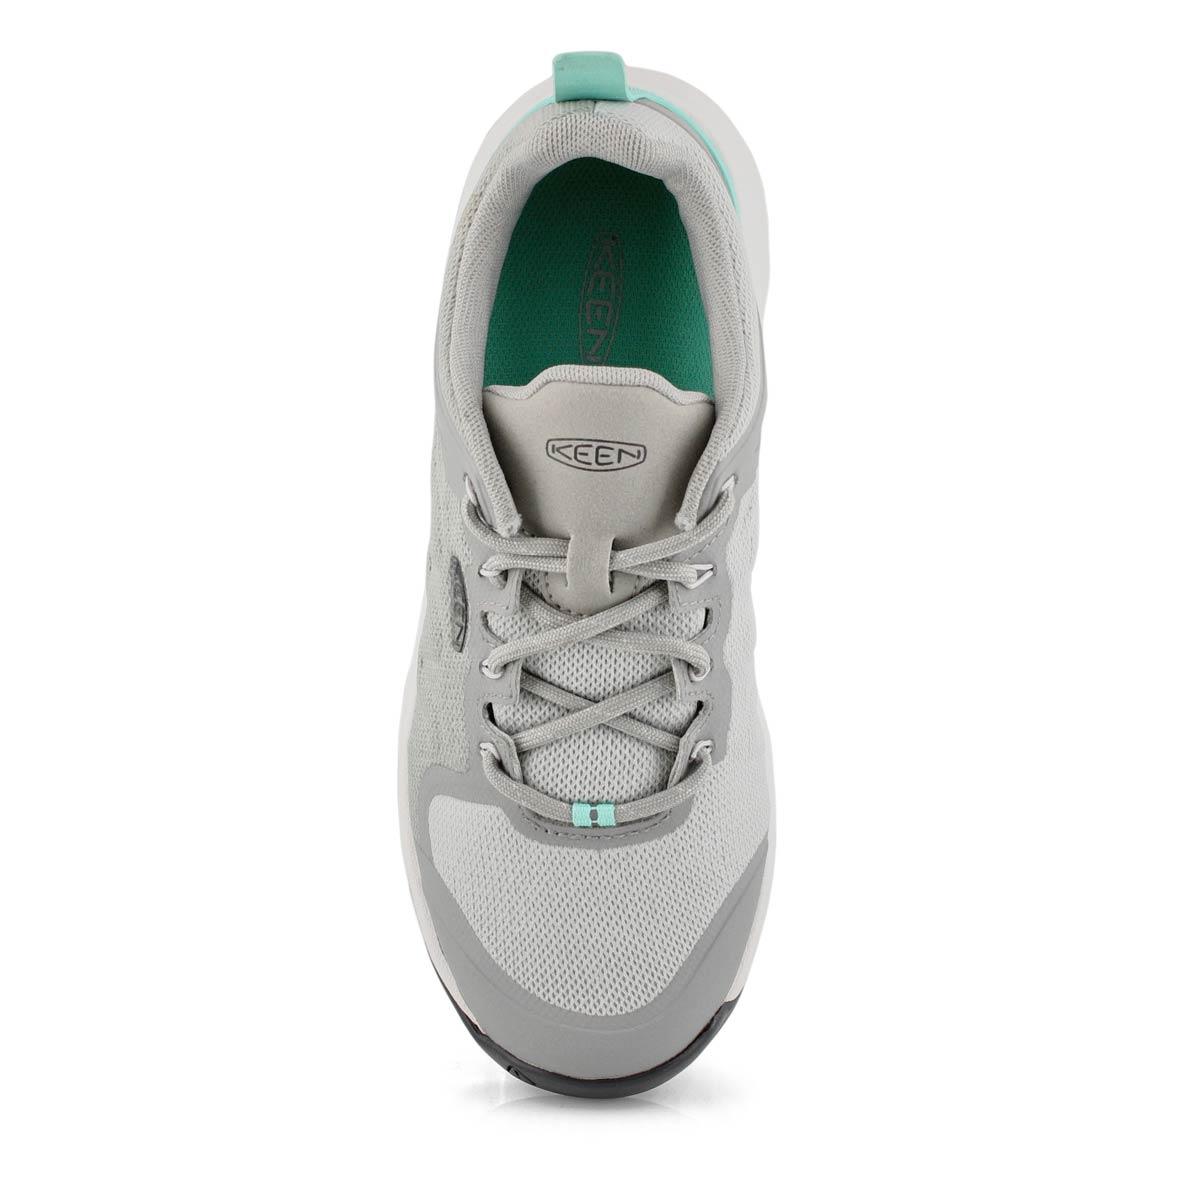 Lds Explore Vent drzzl/cockatoo sneaker